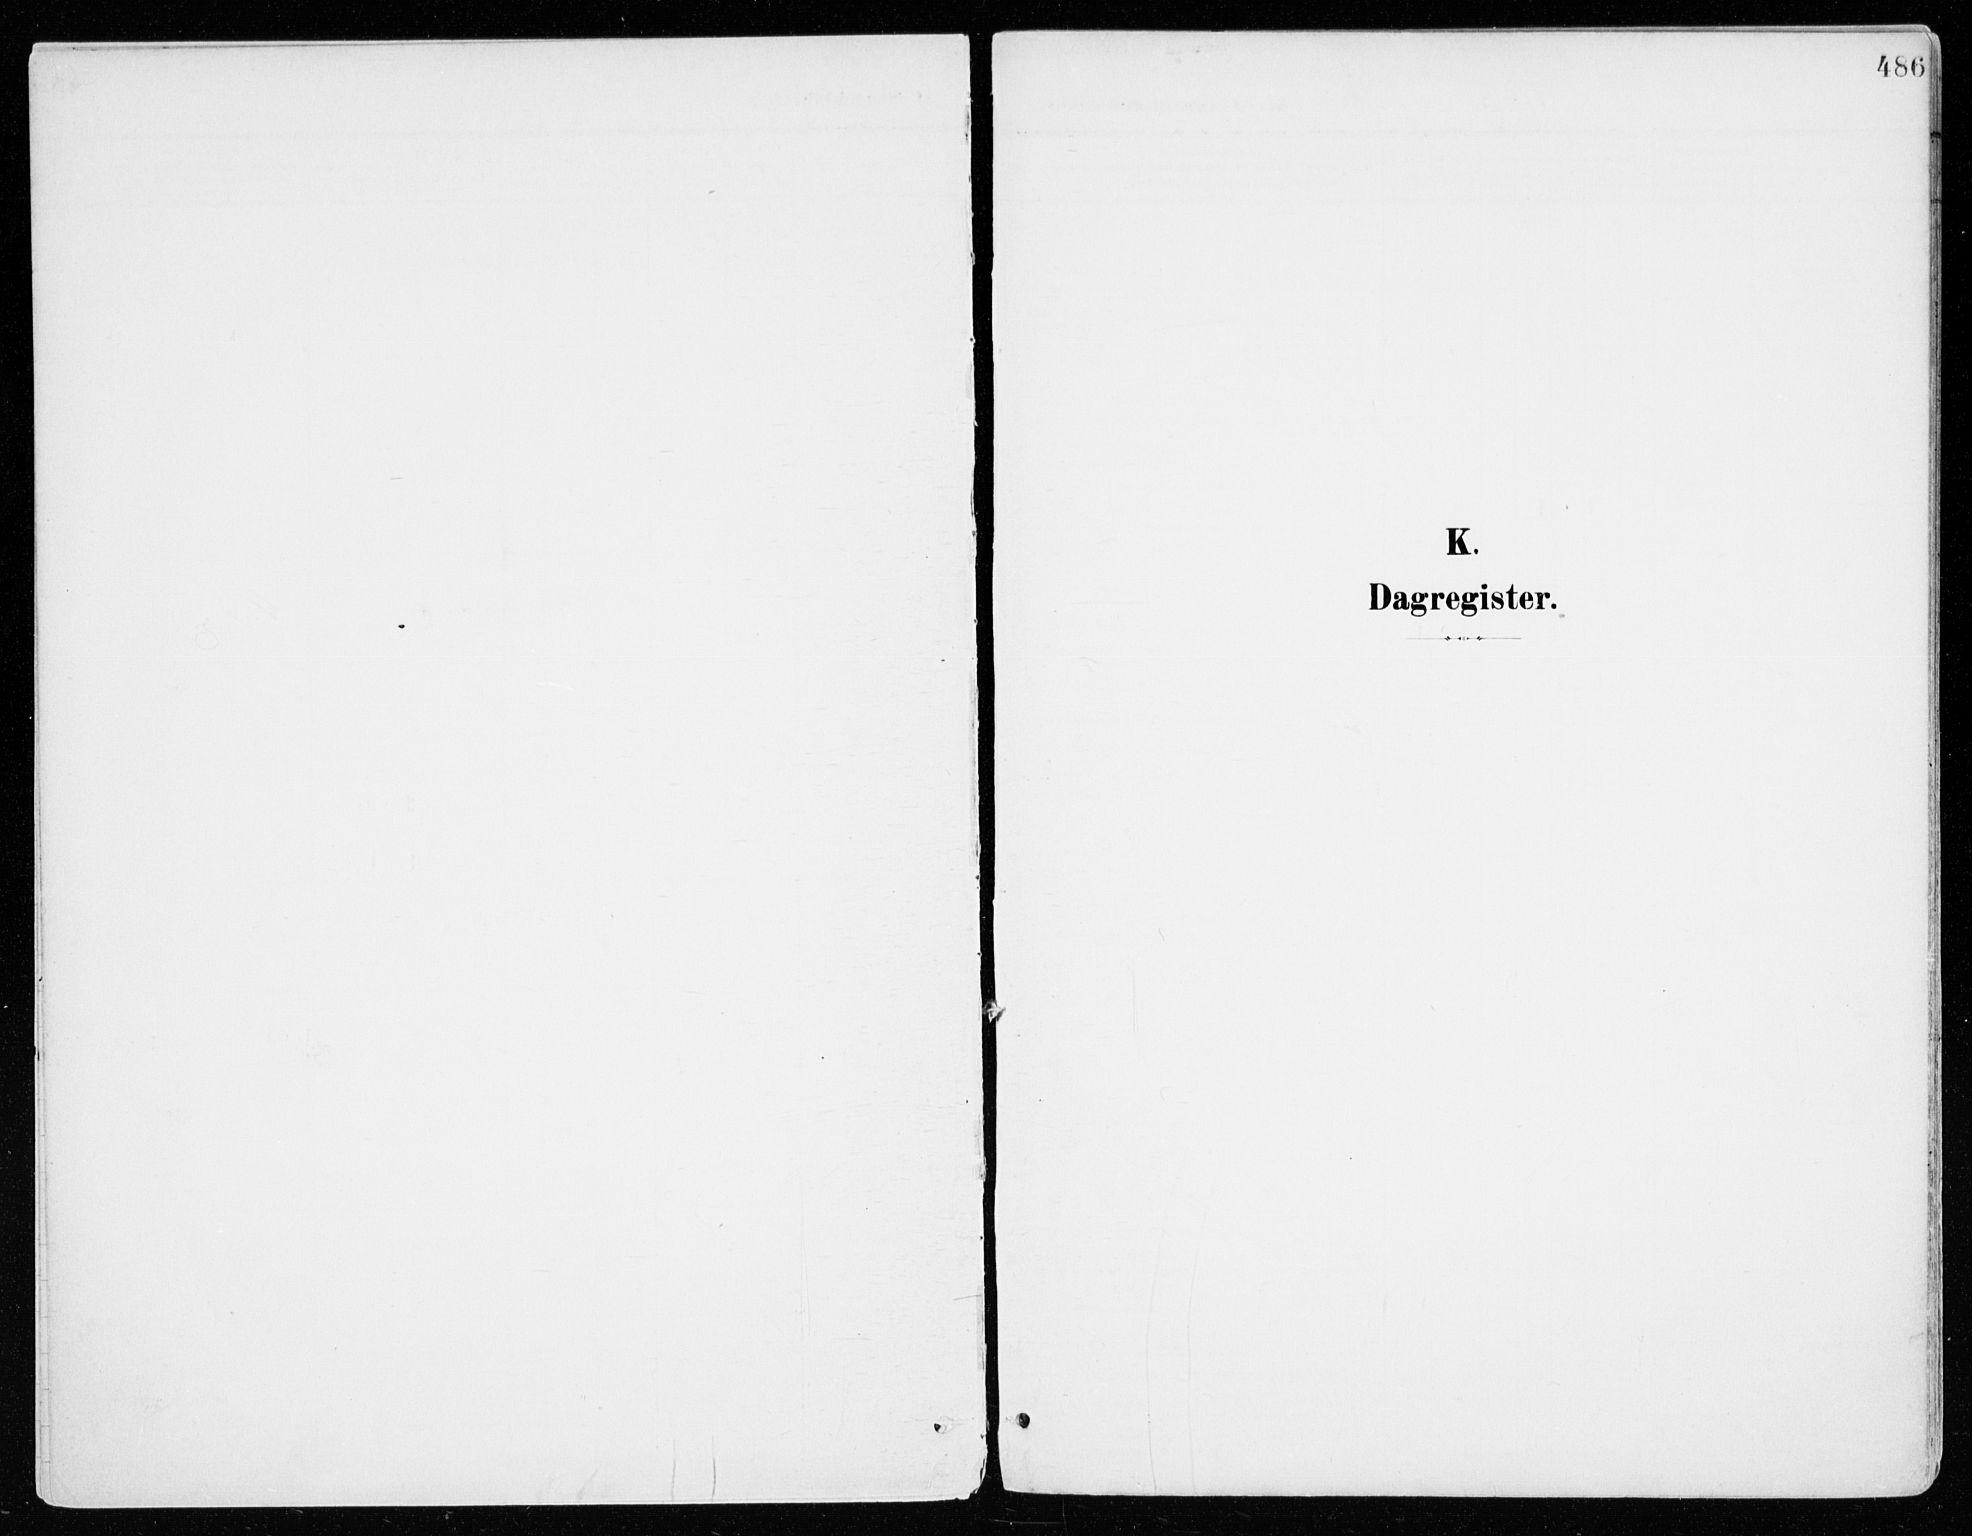 SAH, Vang prestekontor, Hedmark, H/Ha/Haa/L0021: Ministerialbok nr. 21, 1902-1917, s. 486